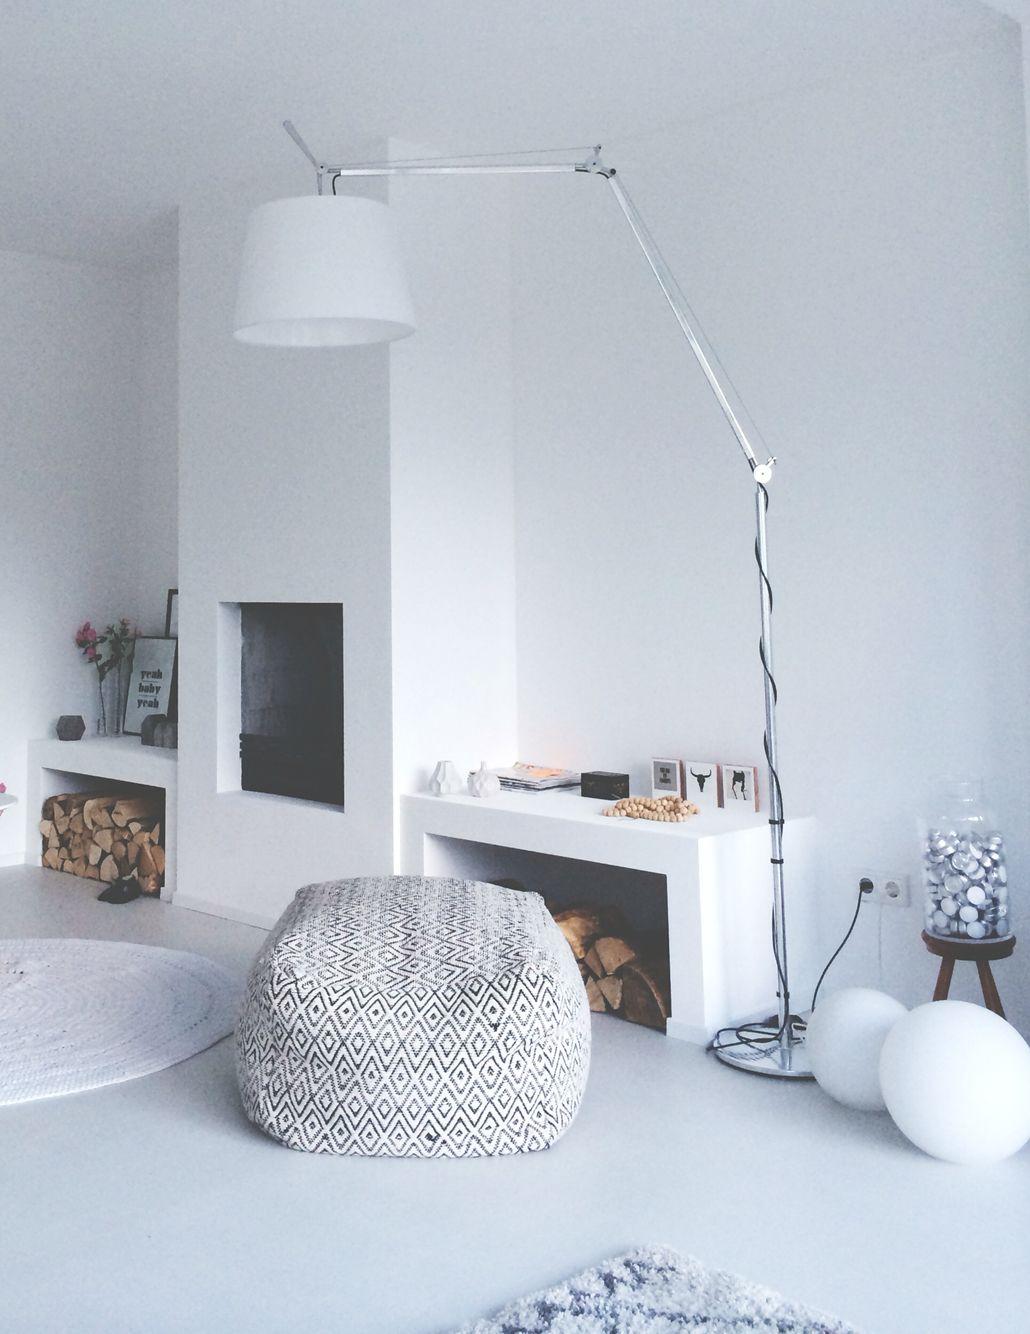 interieurideeà n loft kiezel vloer van vt wonen ook mooi voor in